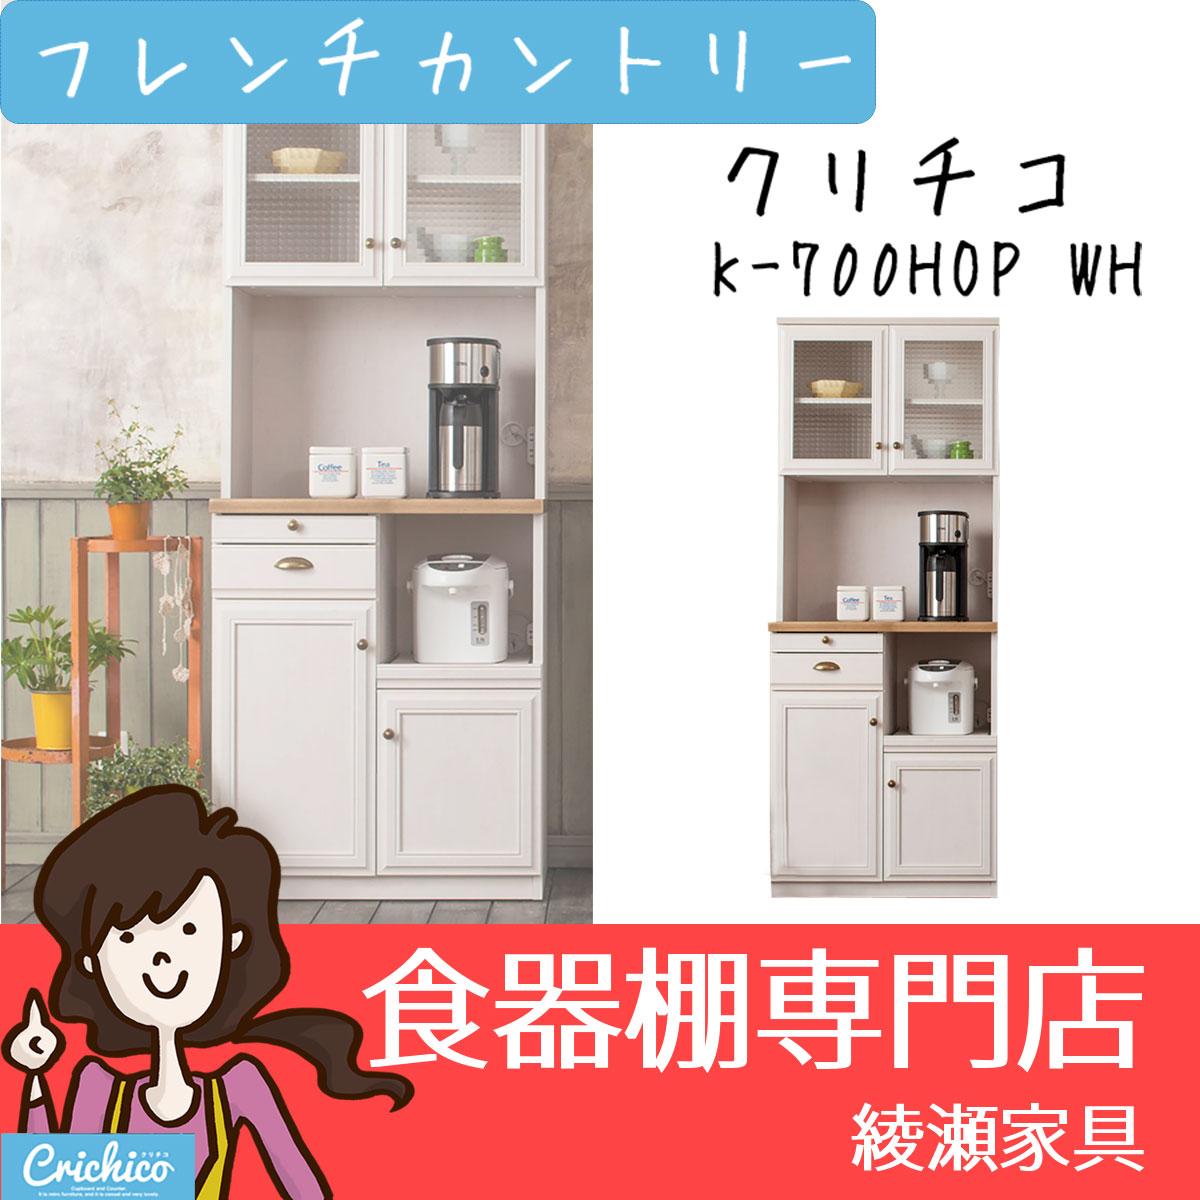 ユーアイ クリチコ カントリー調の食器棚 木目ホワイト K-700HOP